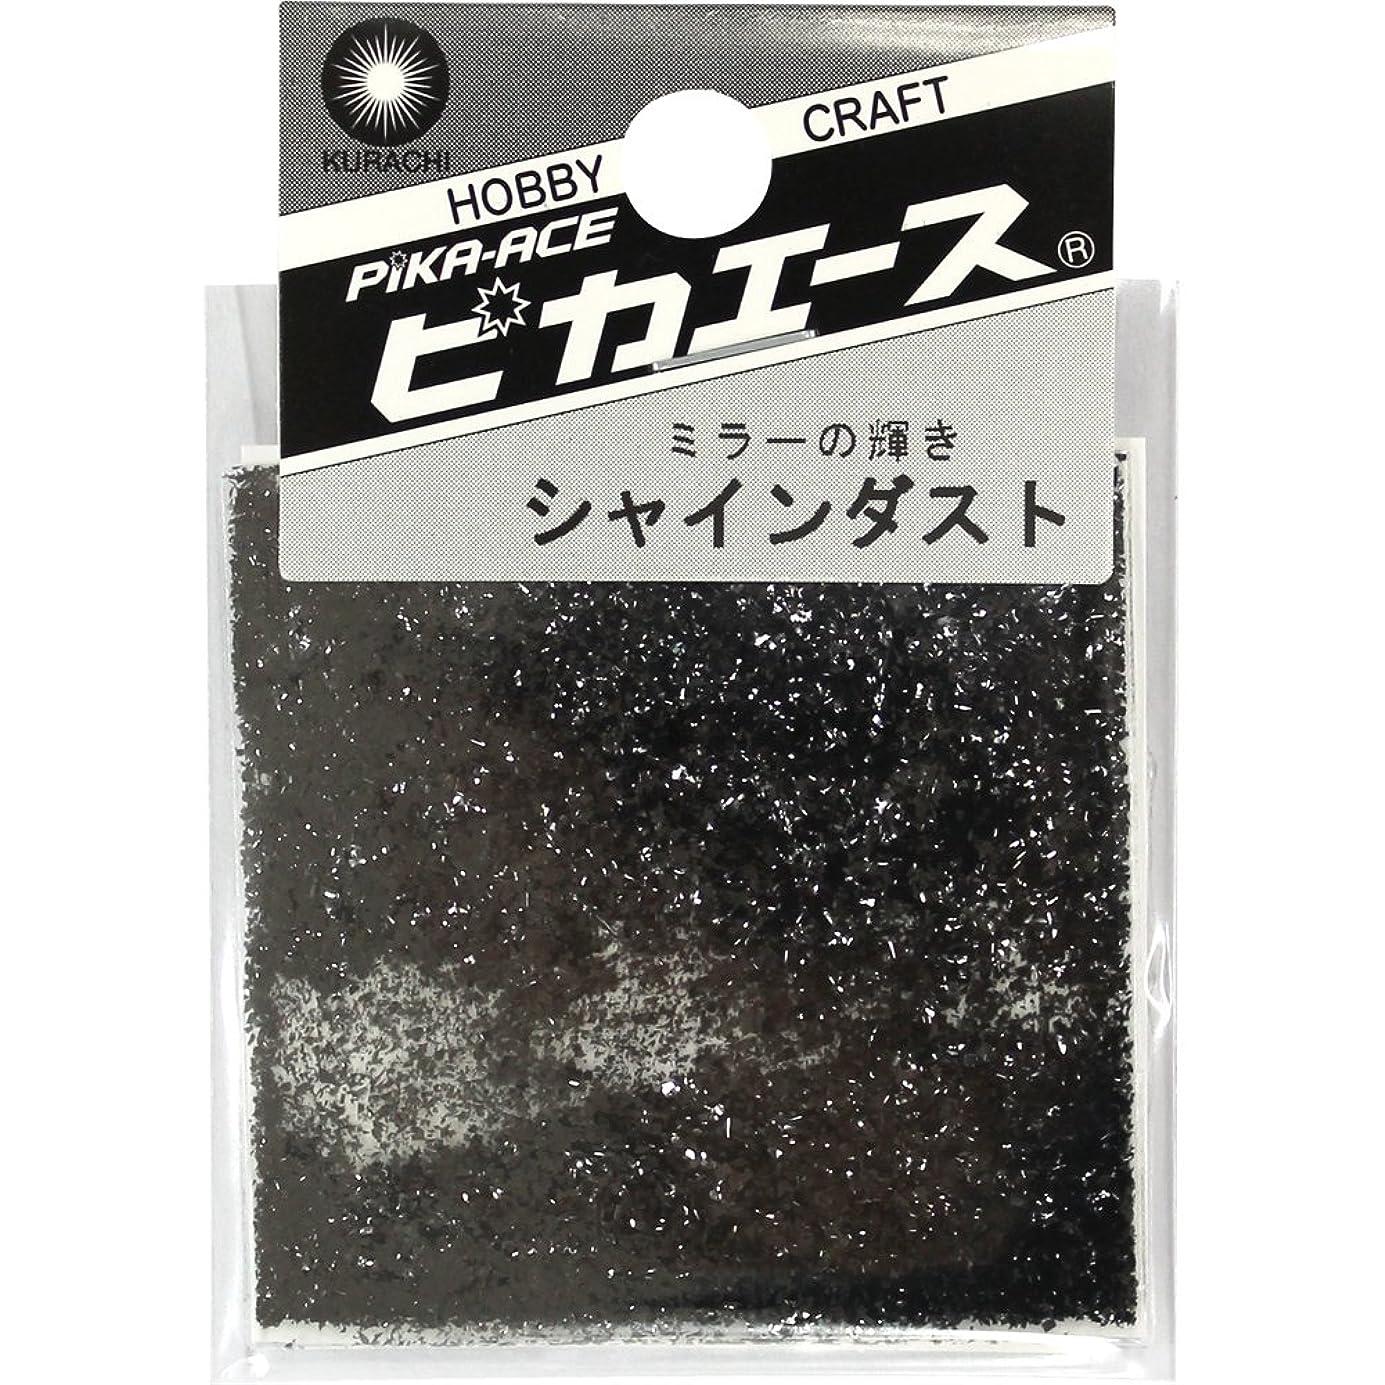 そんなに泥だらけ仕事ピカエース ネイル用パウダー シャインダスト L #478 ミラーブラック 0.5g